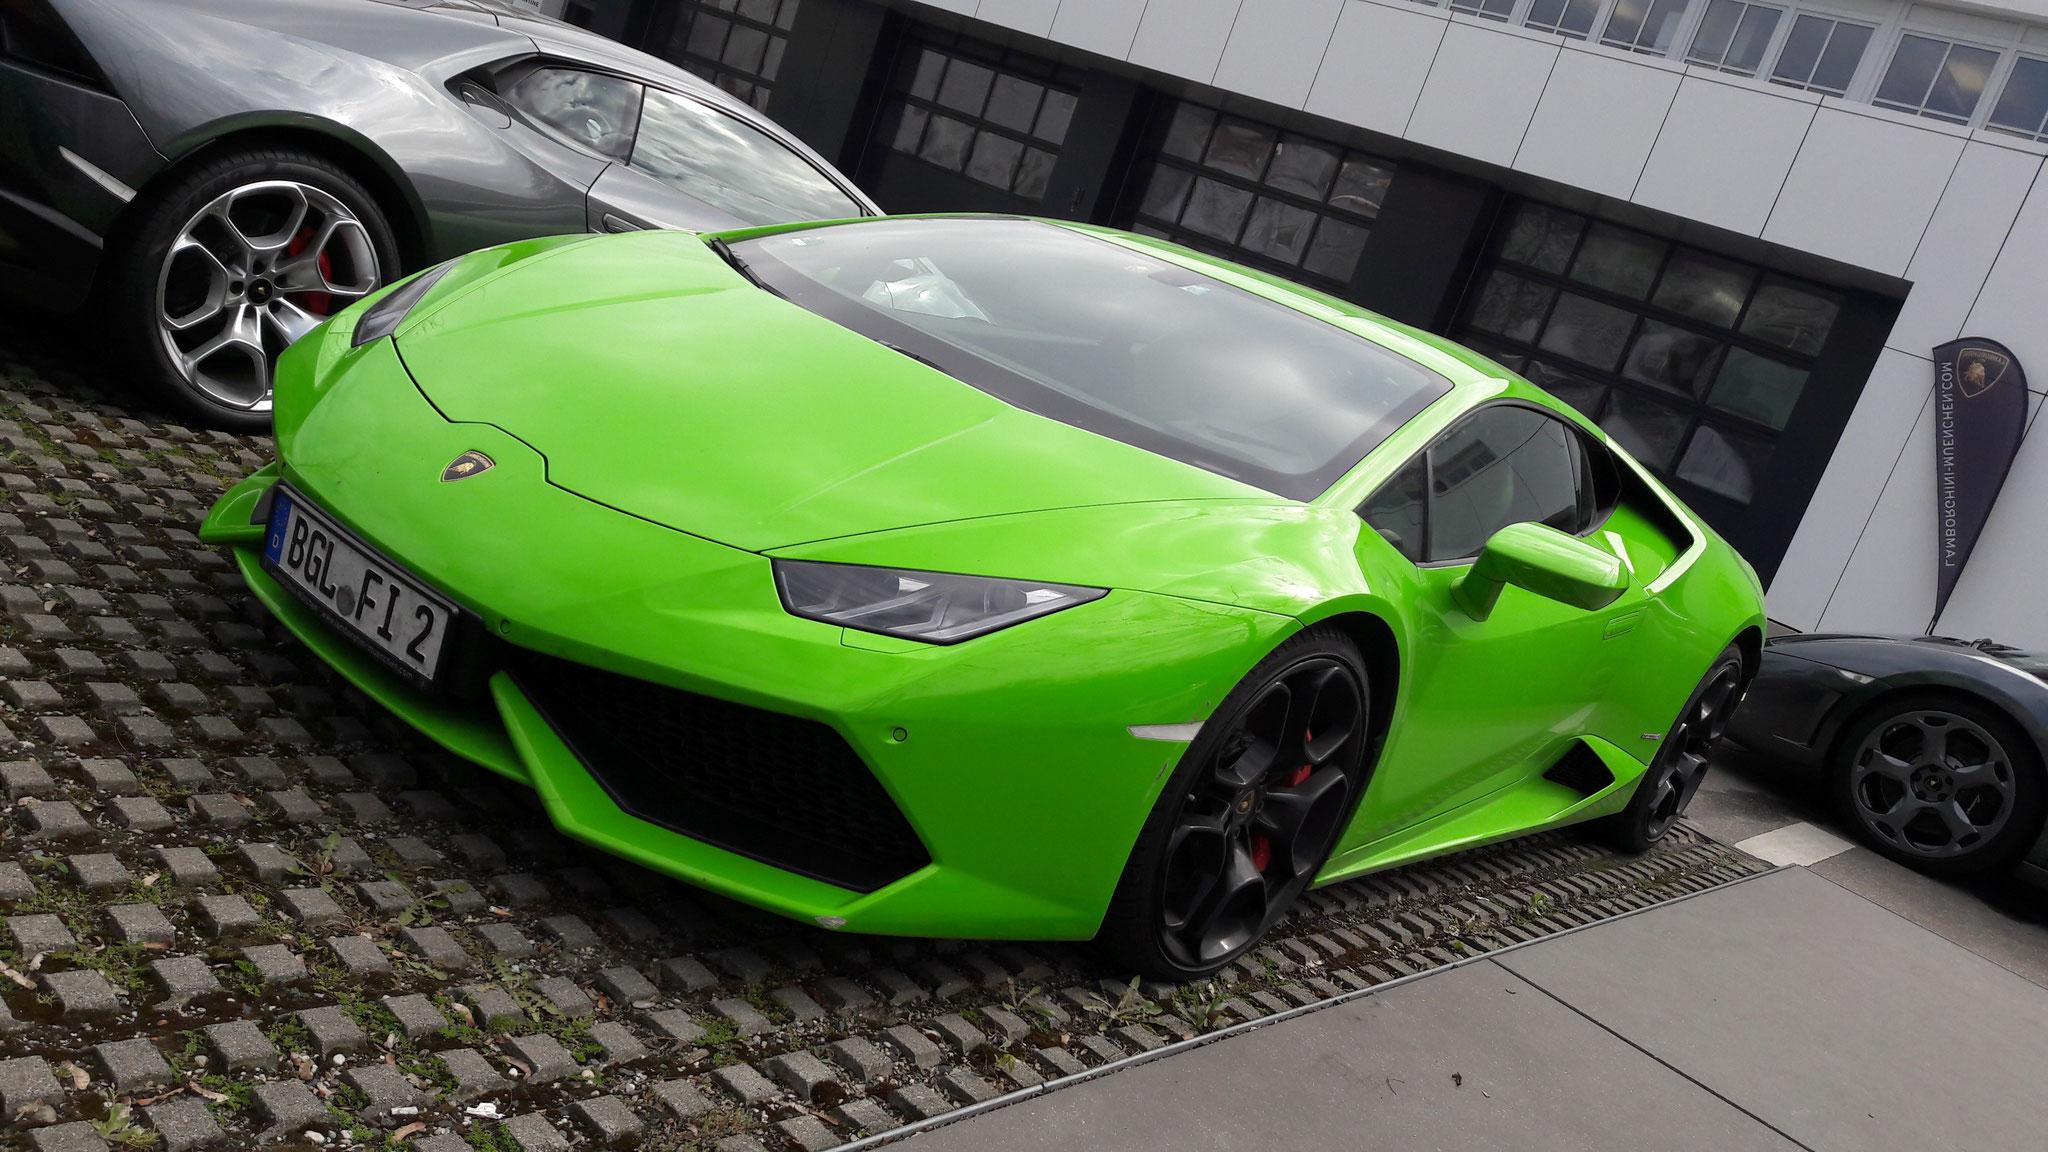 Lamborghini Huracan - BGL-FI-2